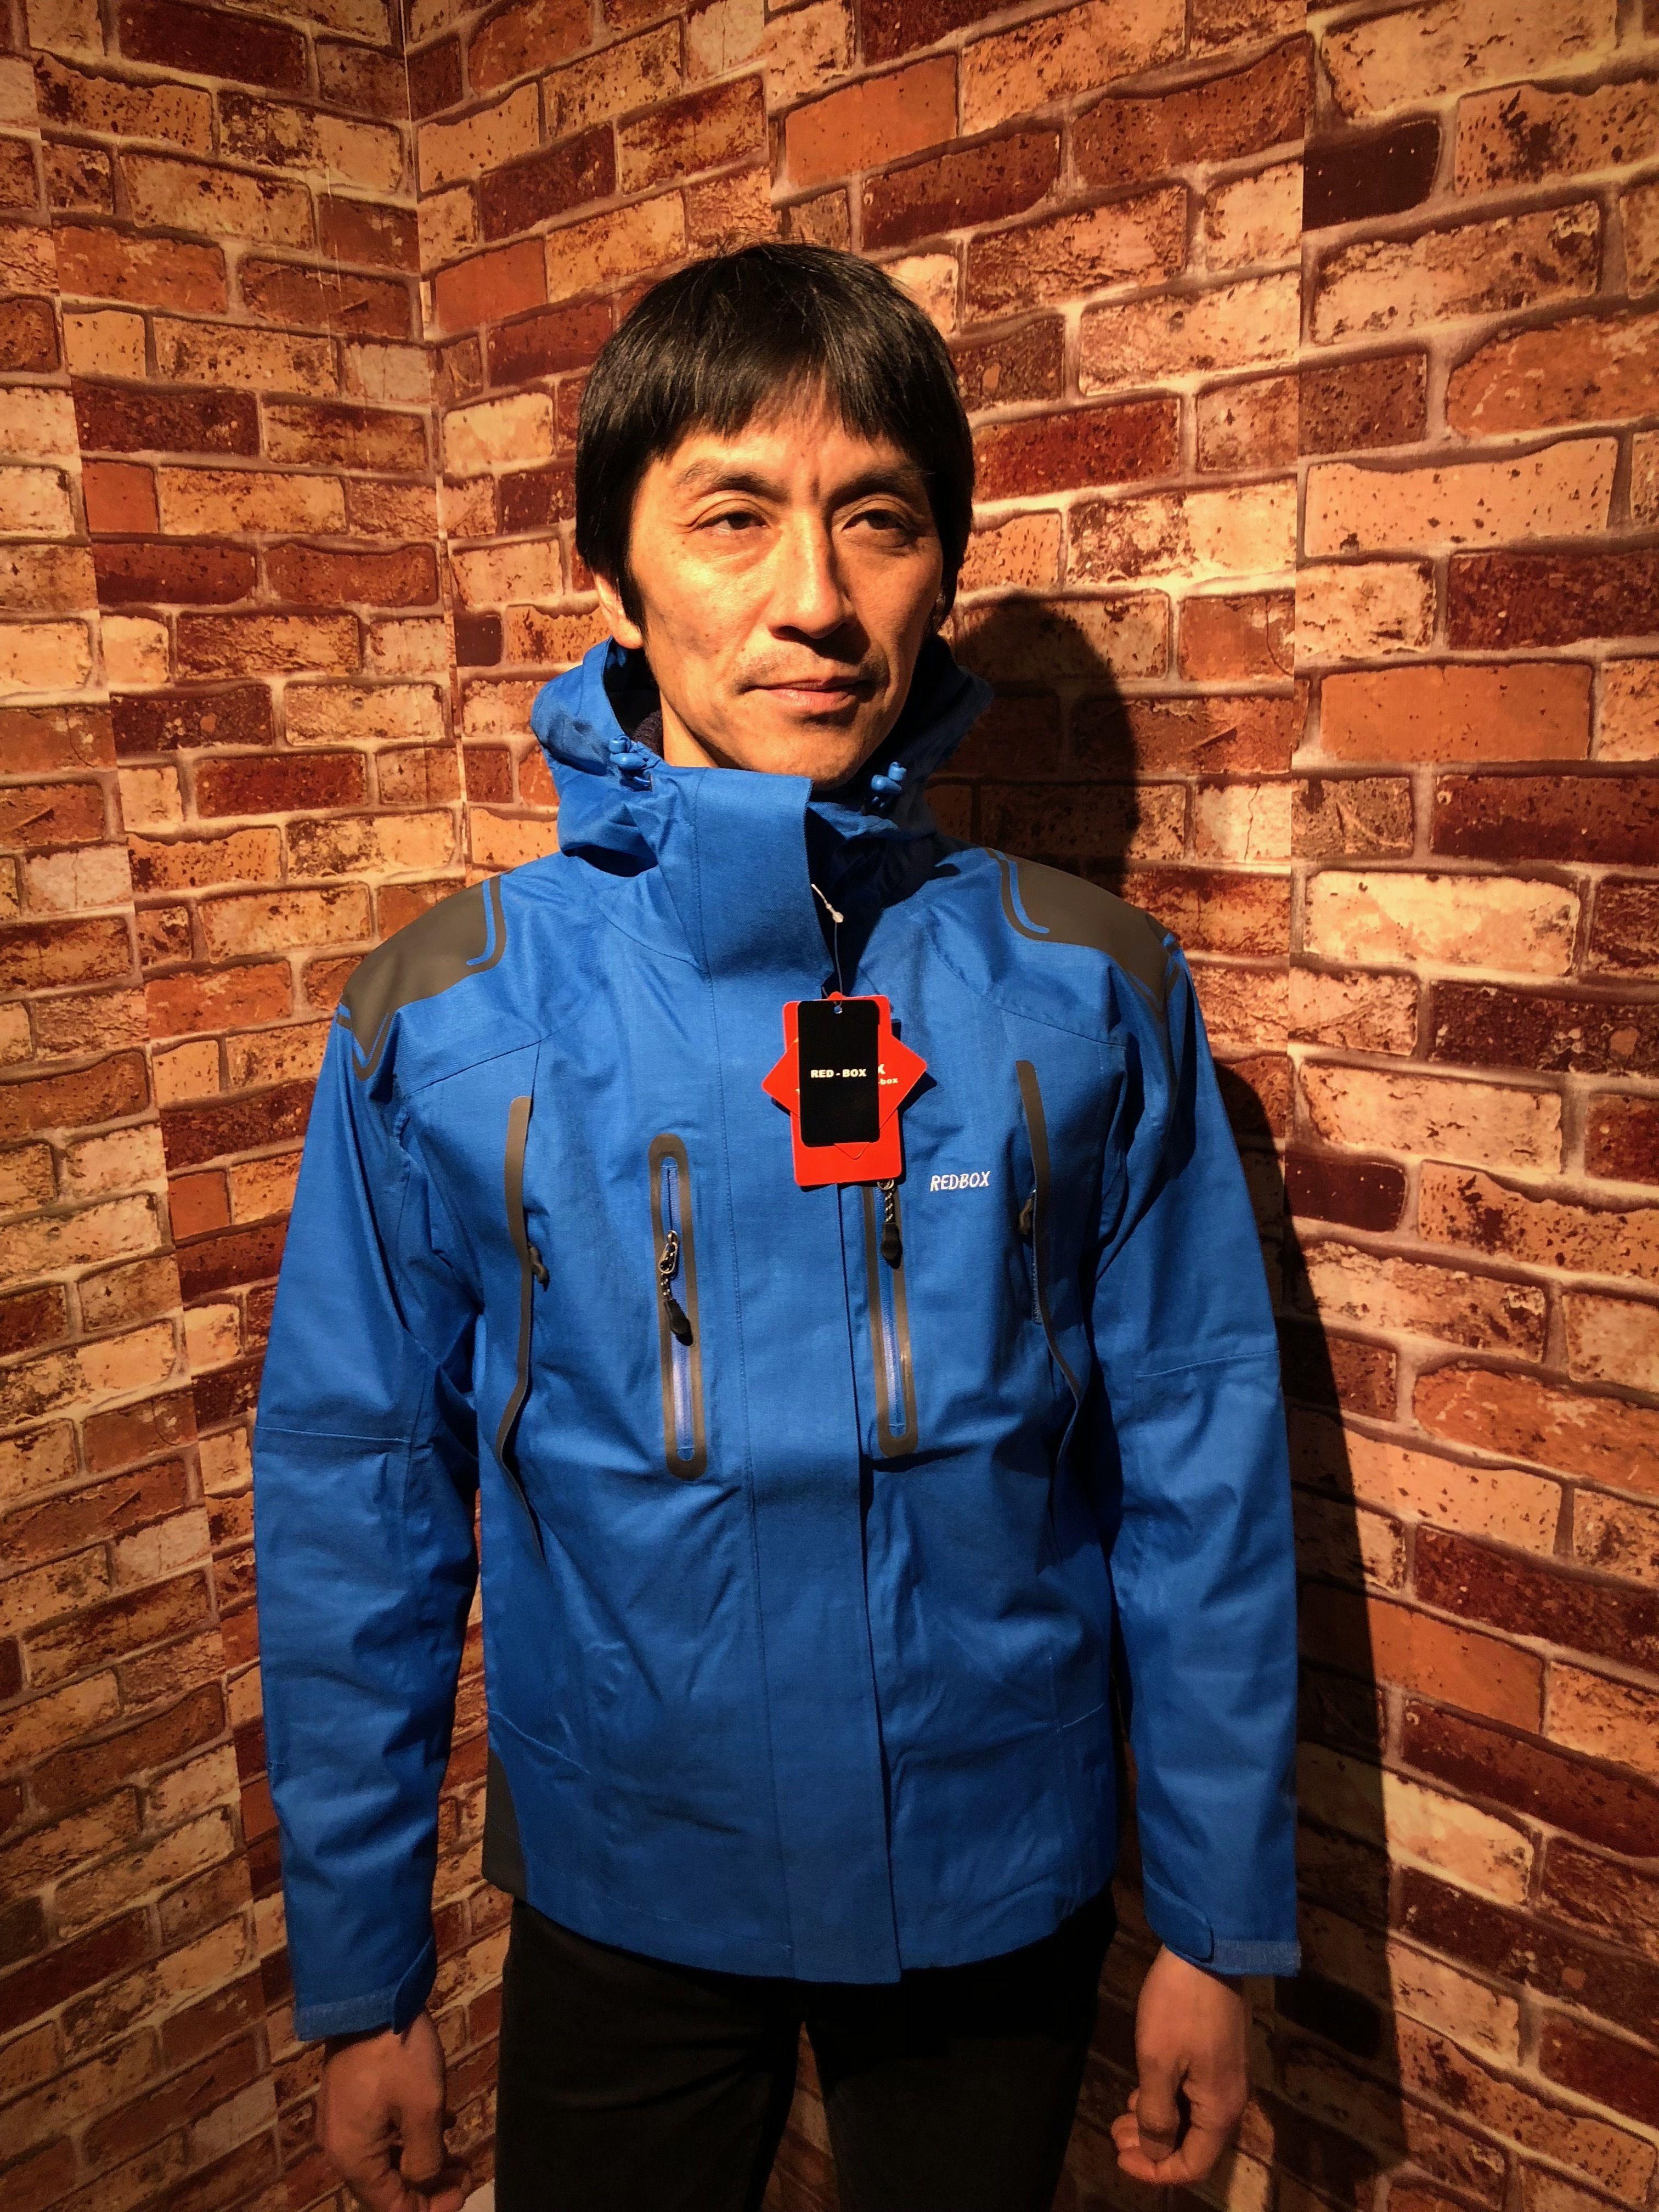 C215 USREDBOXマウンテンジャケット2.5L 防水透湿高機能素材  青M